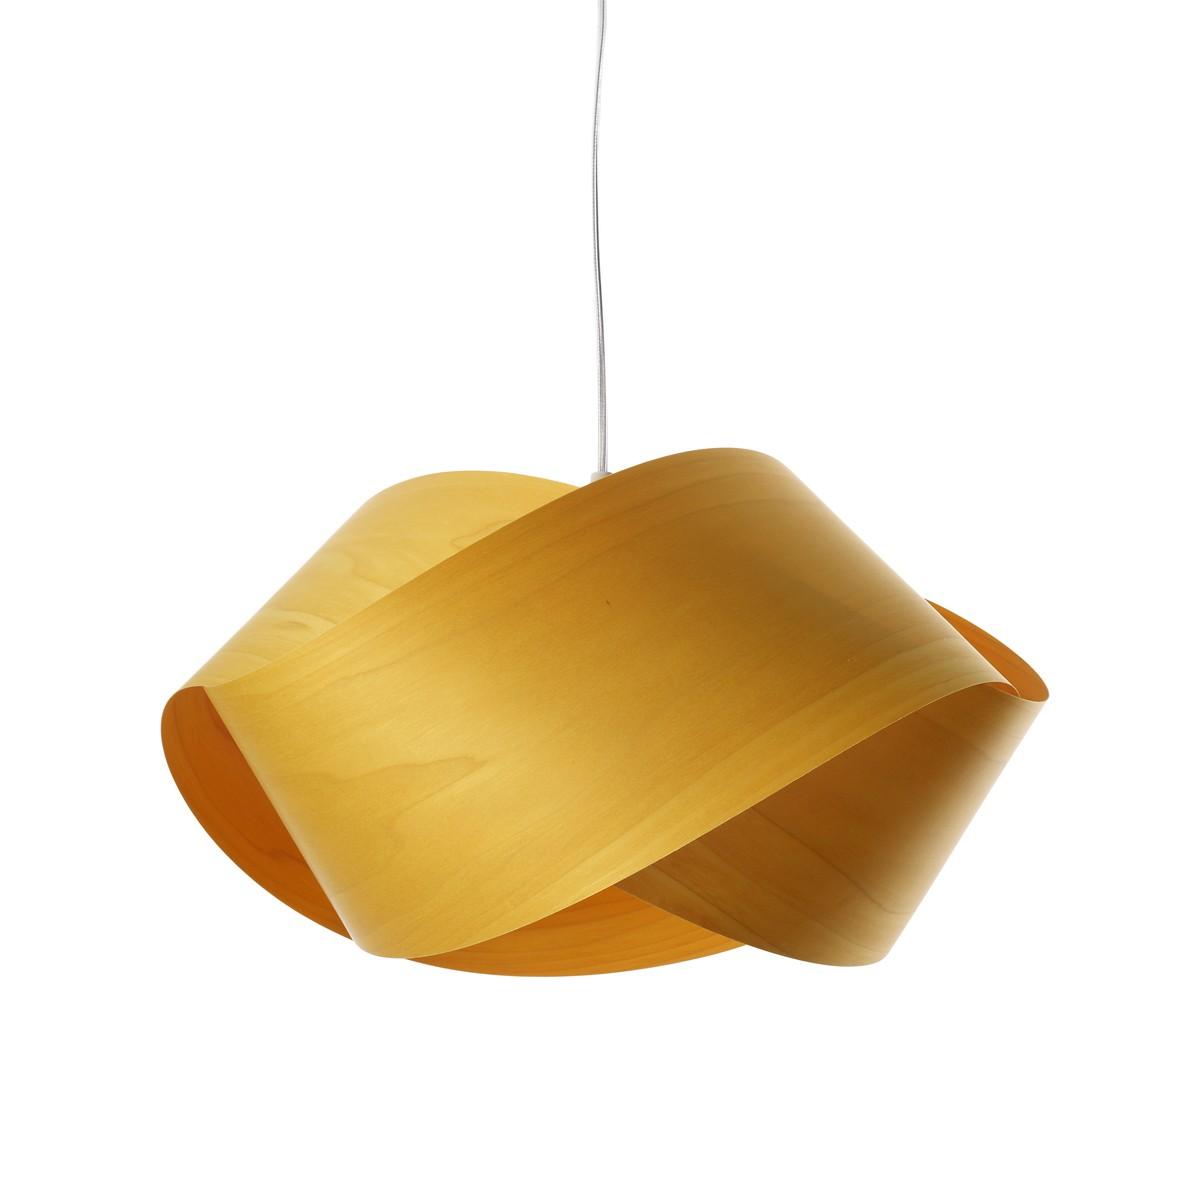 LZF Lamps Nut Pendelleuchte, gelb